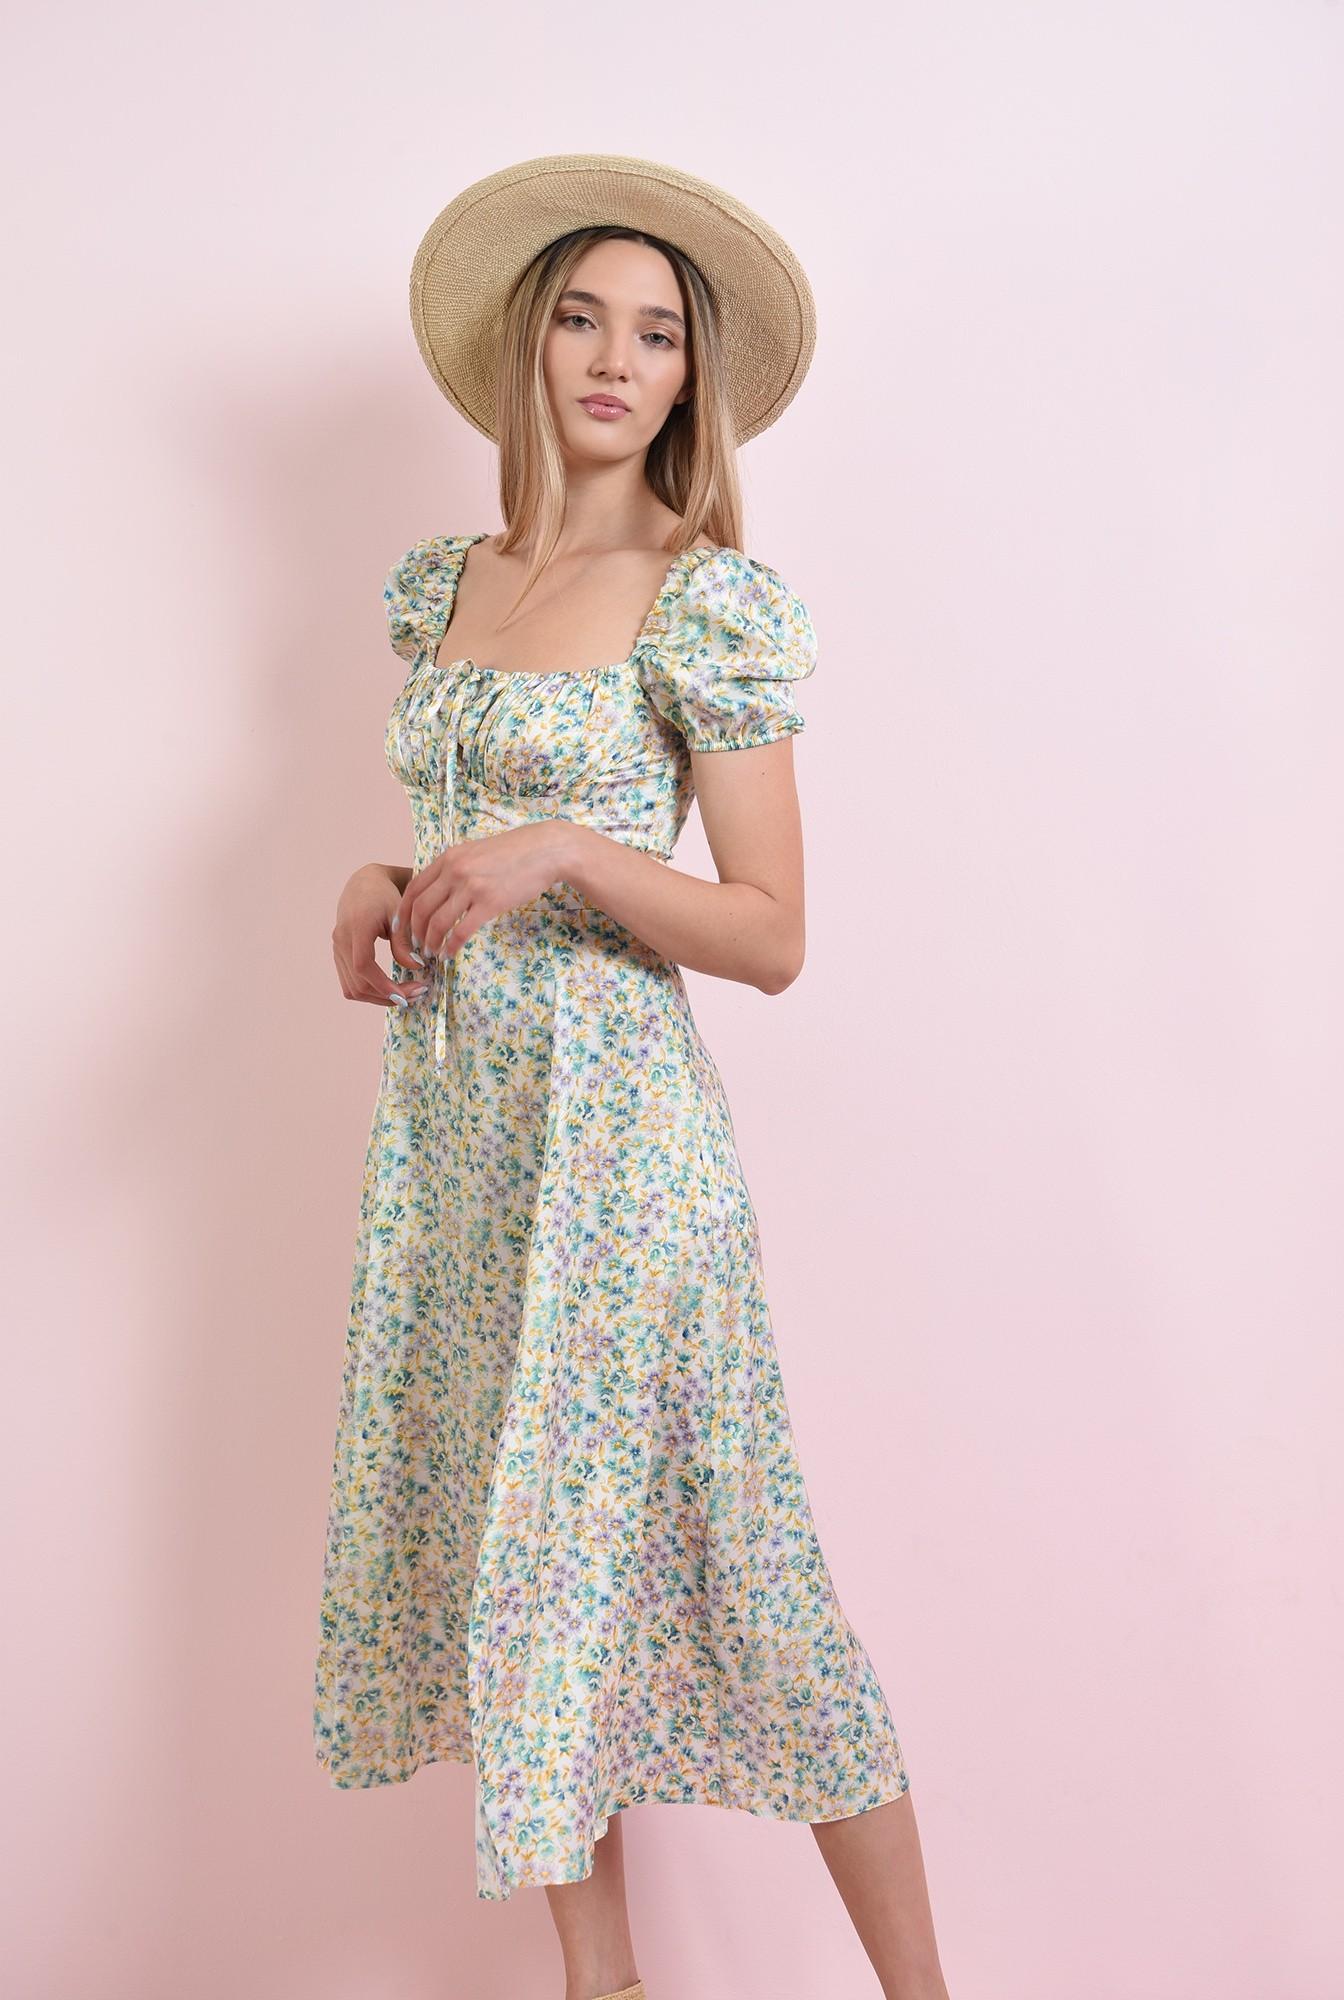 0 - rochie cu print floral, cu maneca scurta